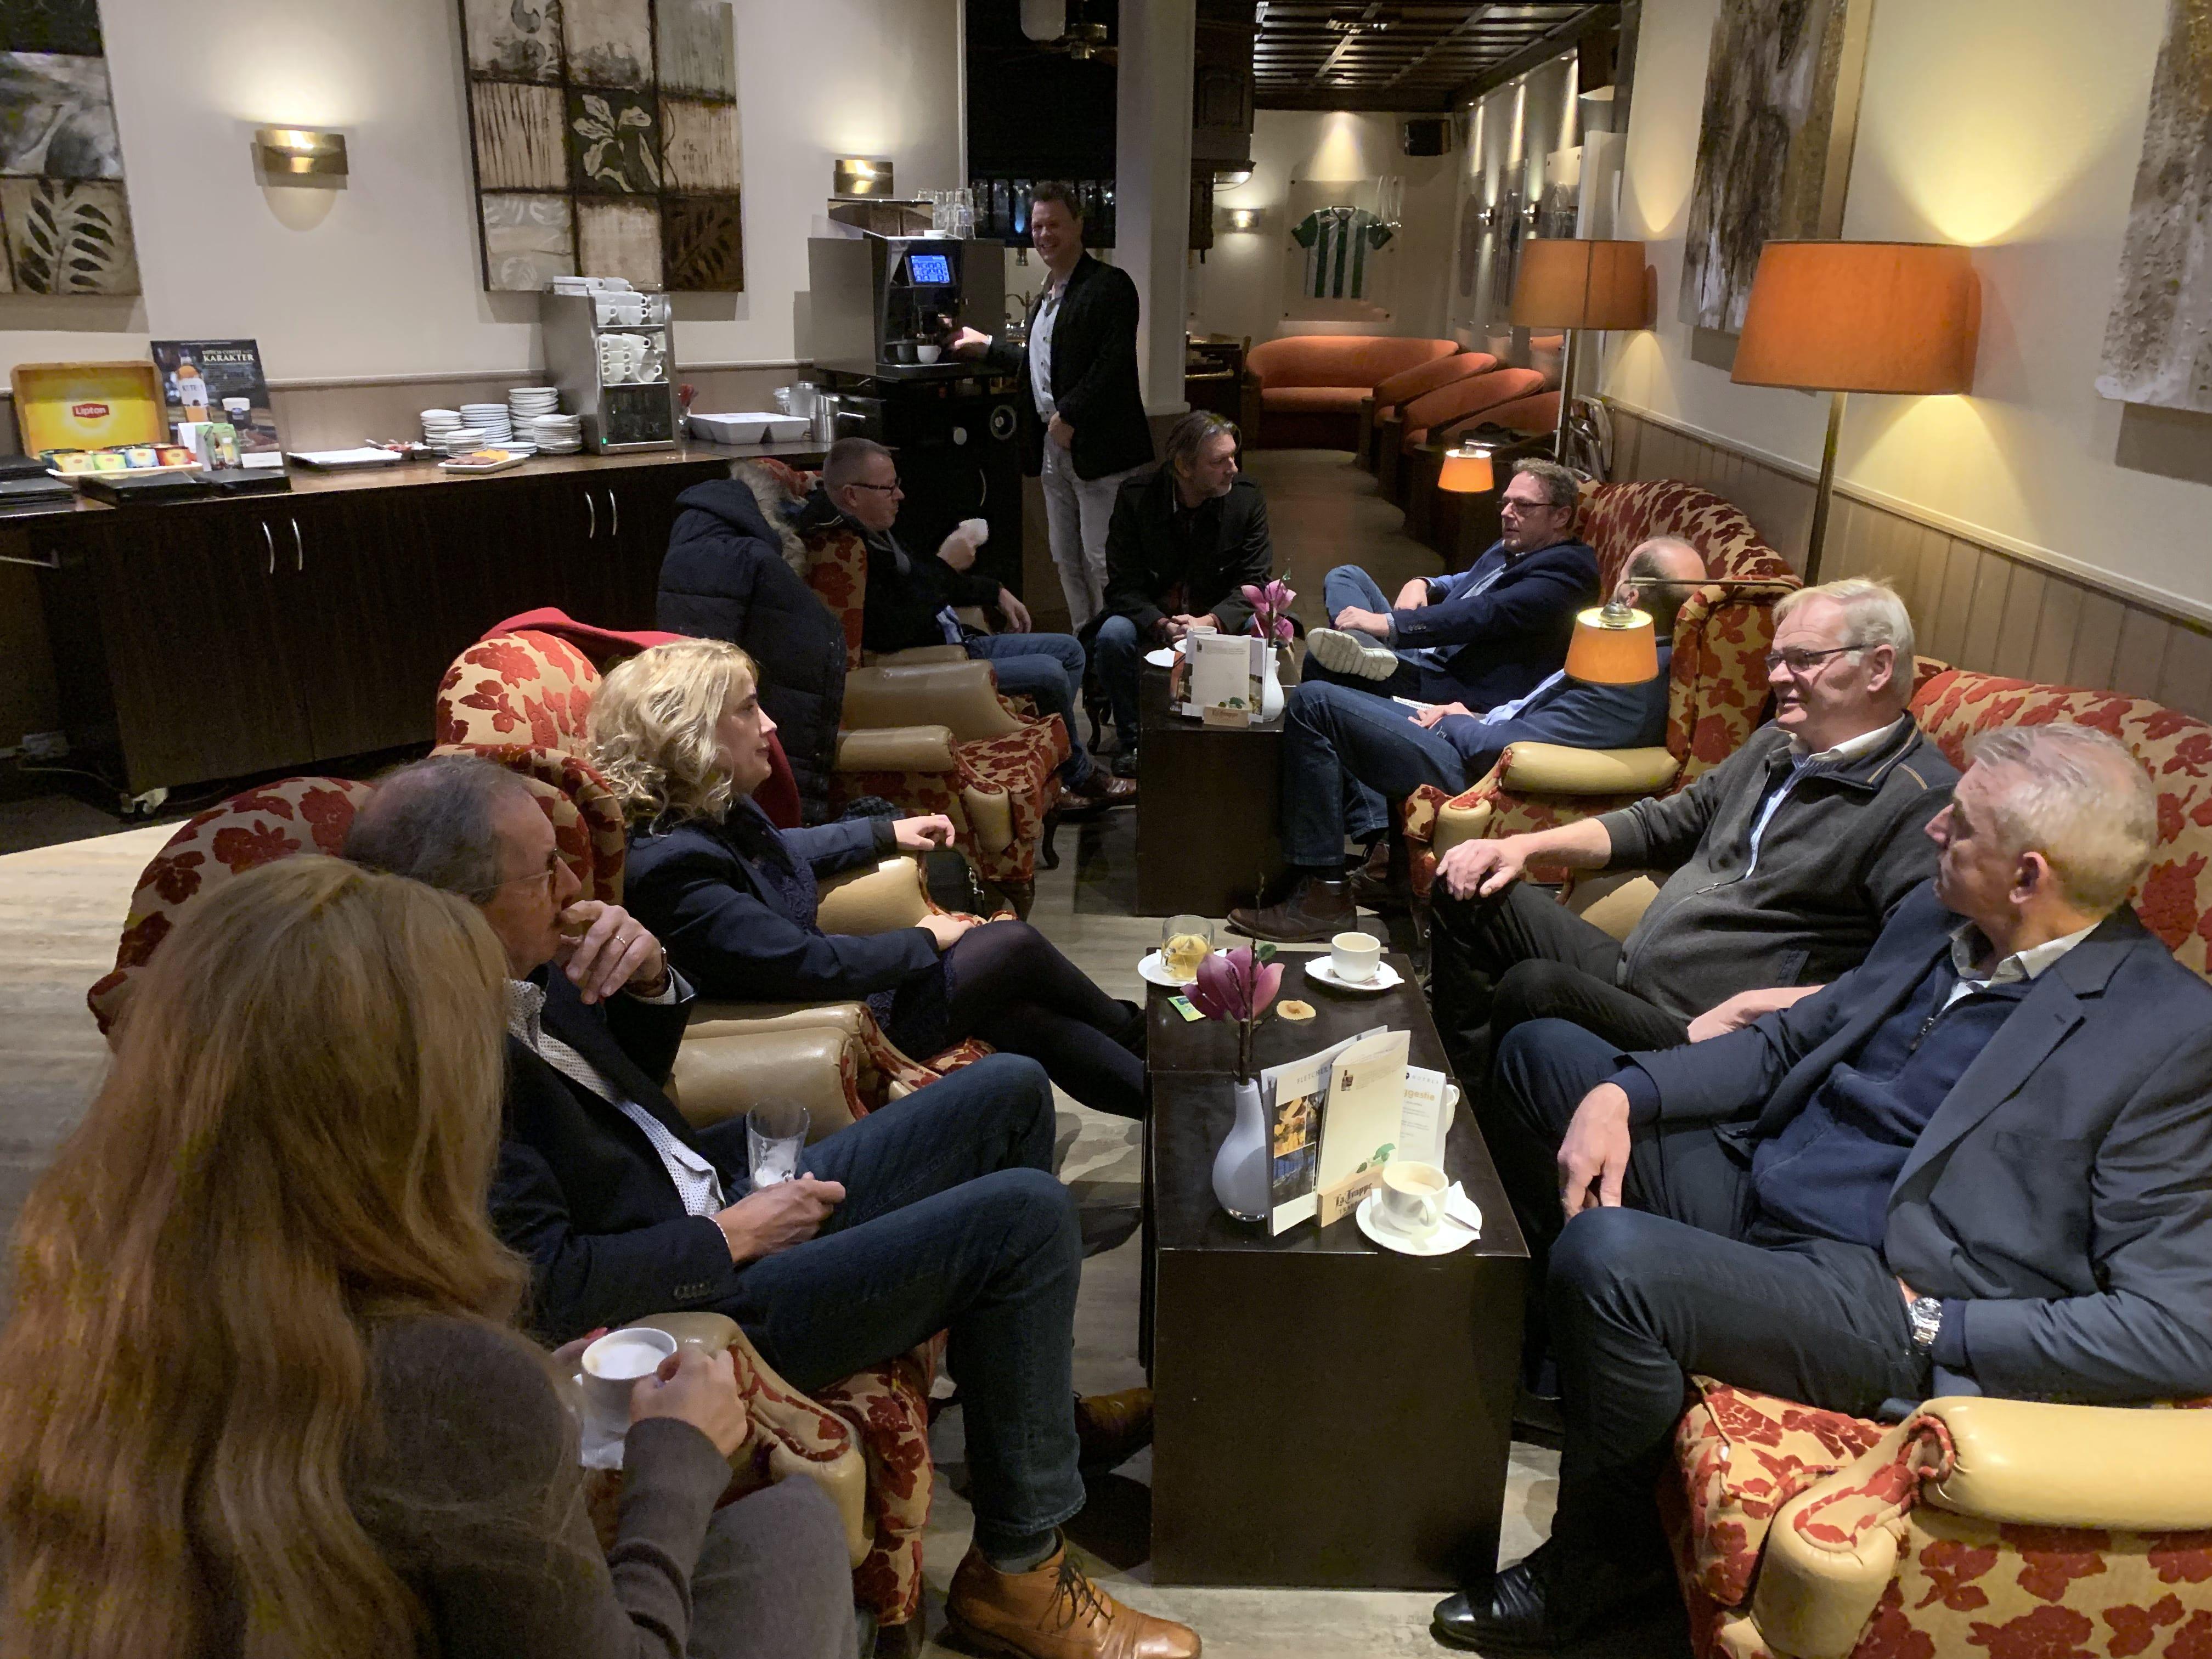 De start van een LMI Nederland bijeenkomst